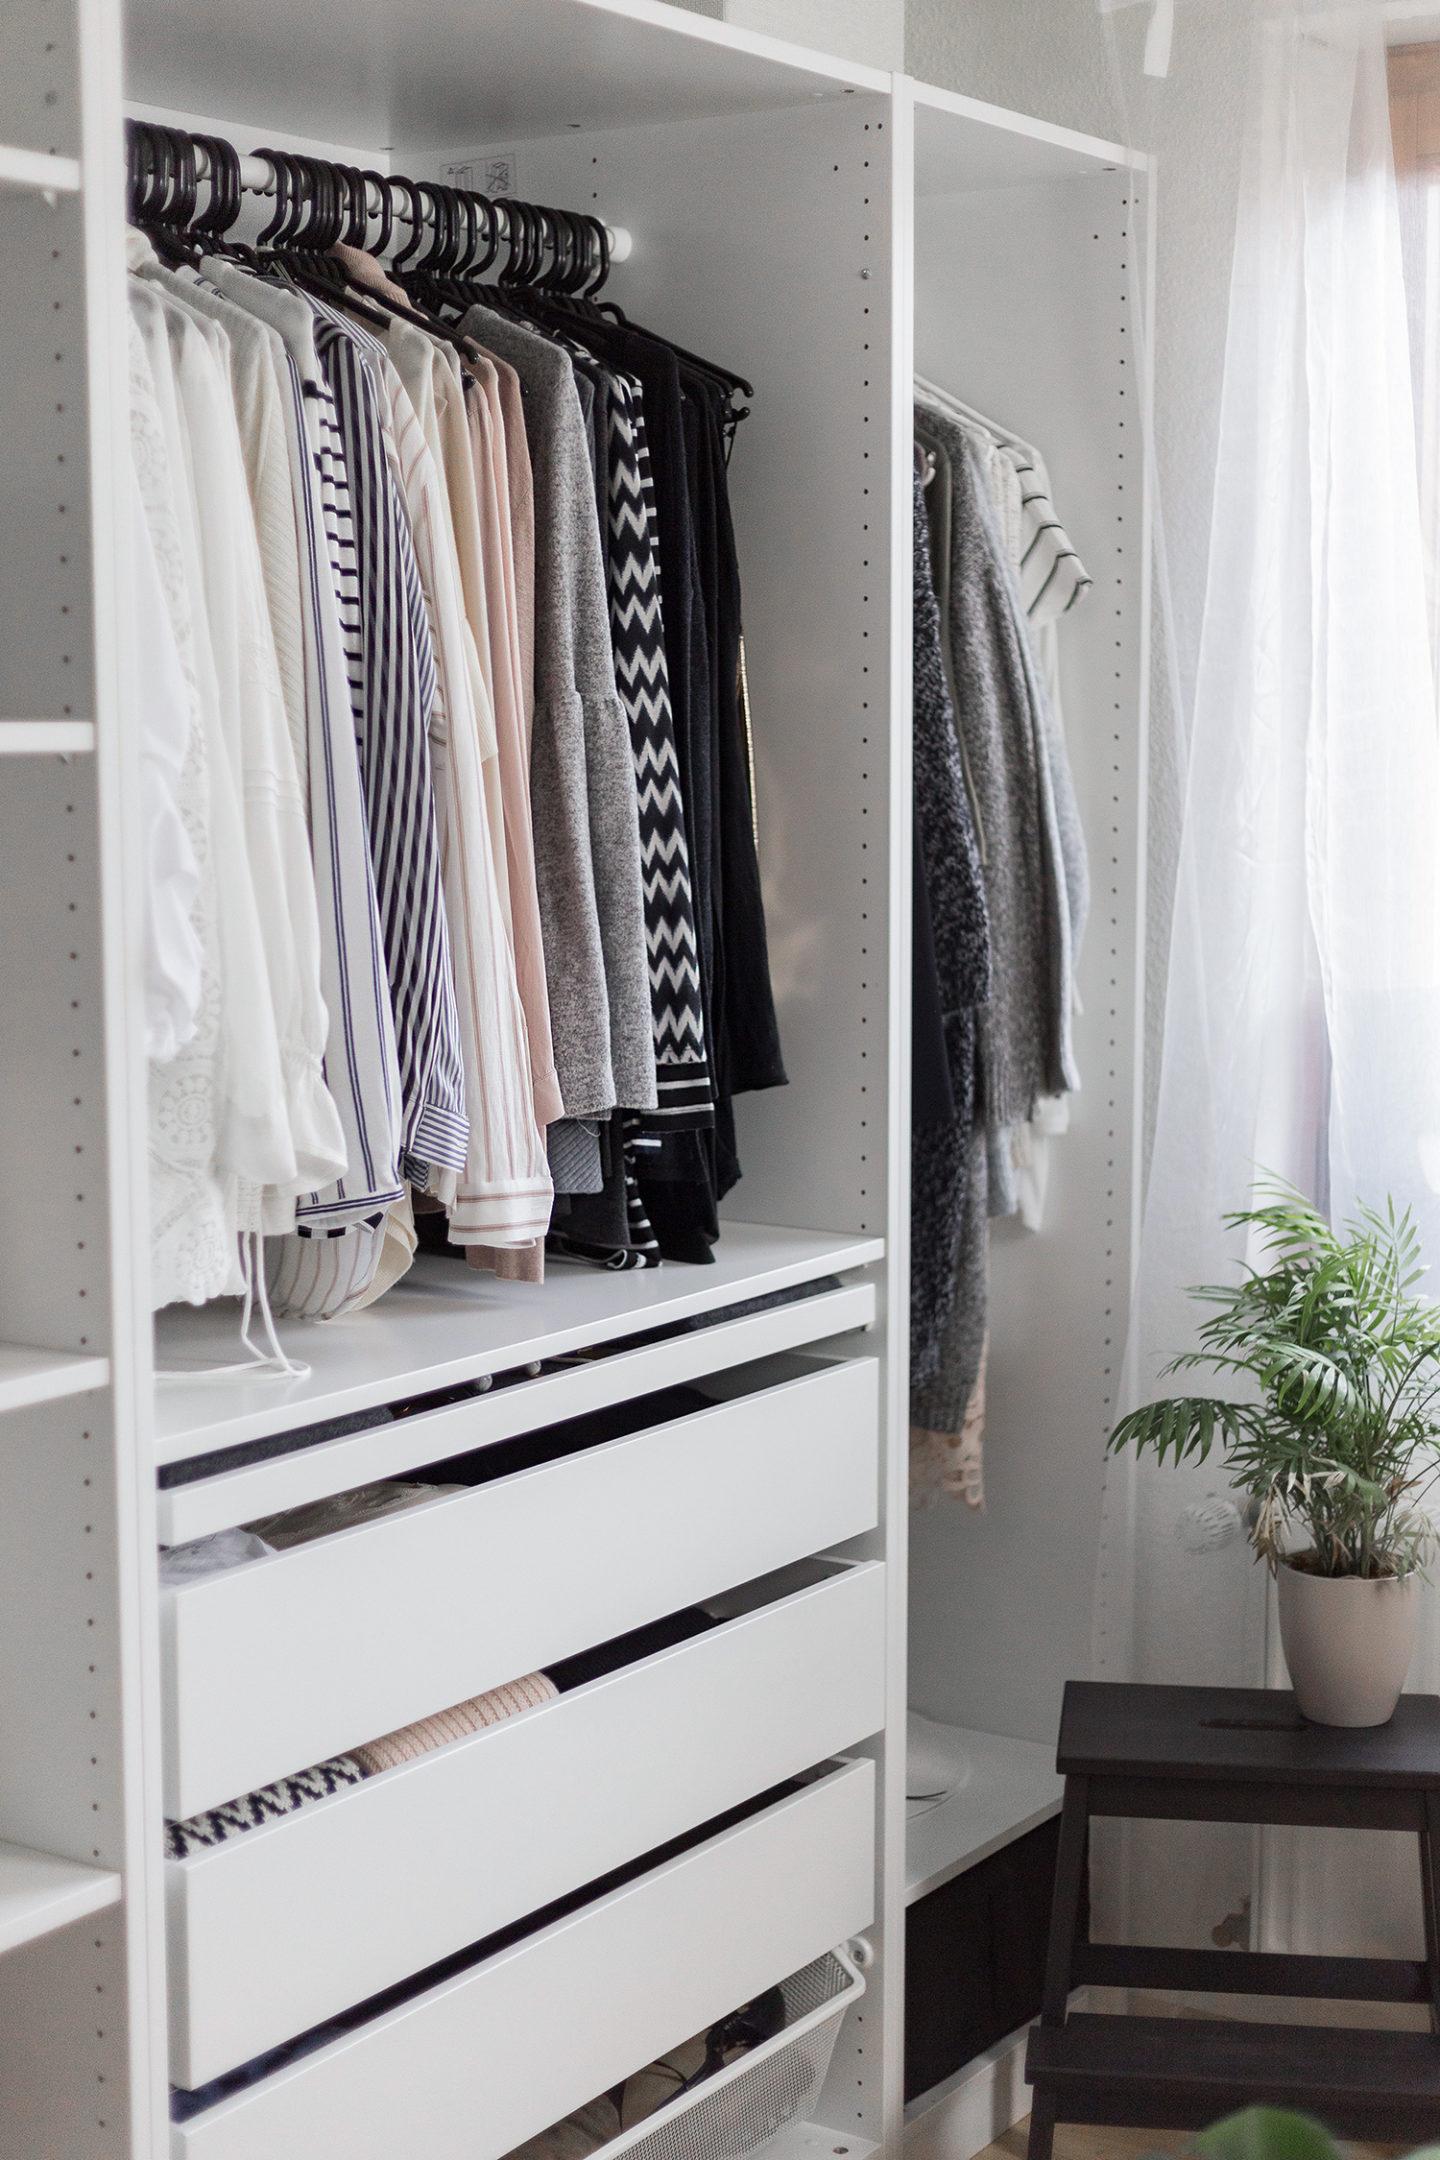 Kleiderschrank aufräumen – mit diesen Tipps funktioniert es!